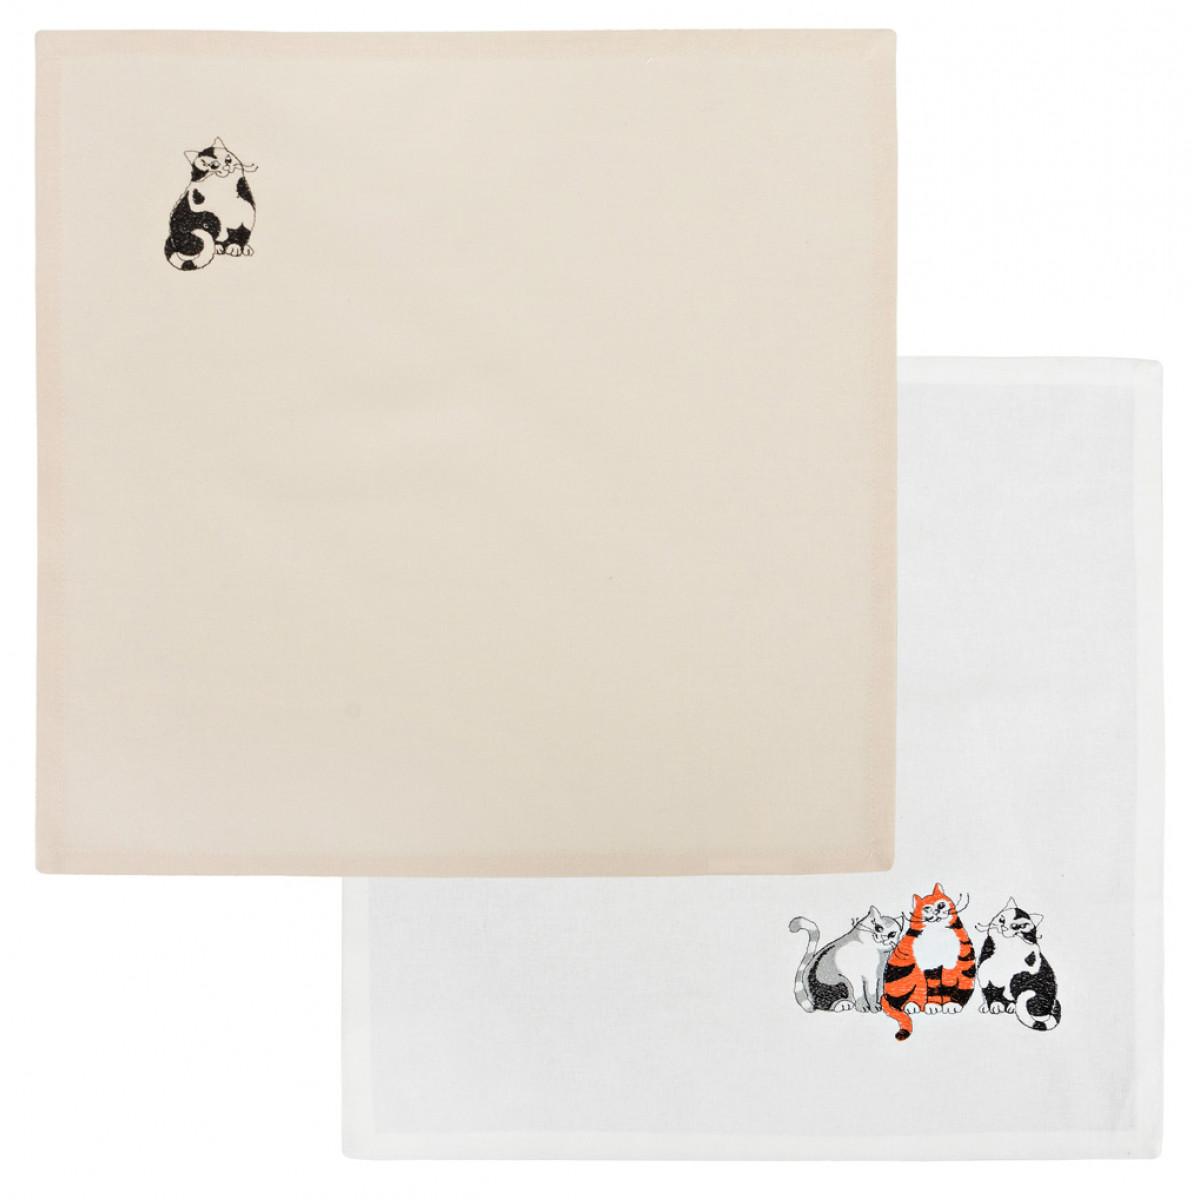 Скатерти и салфетки Santalino Салфетки Alpin  (40х40 см - 2 шт) насос универсальный x alpin sks 10035 пластик серебристый 0 10035